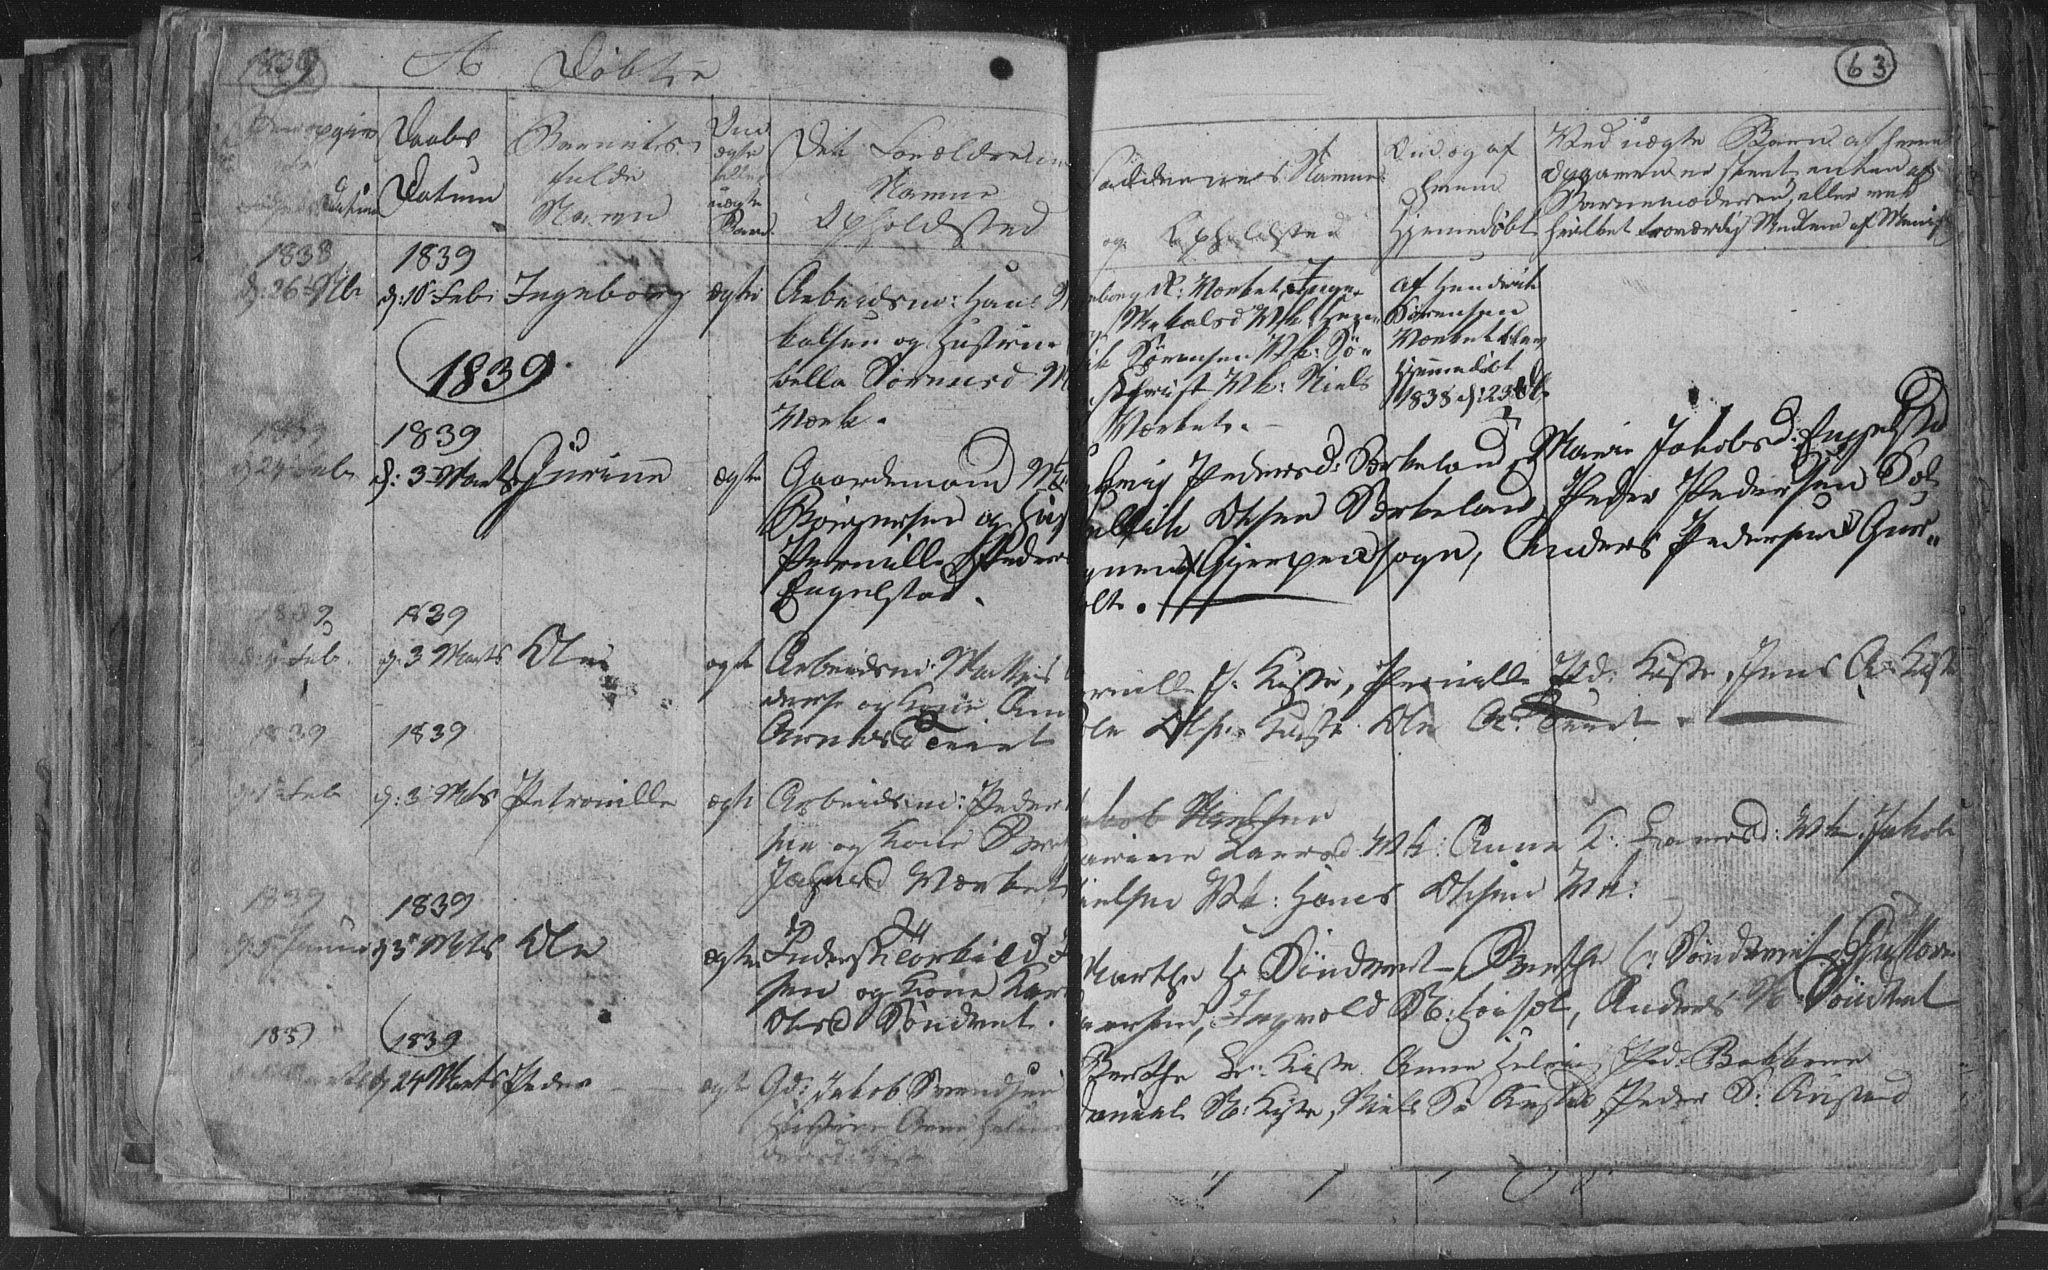 SAKO, Siljan kirkebøker, G/Ga/L0001: Klokkerbok nr. 1, 1827-1847, s. 63